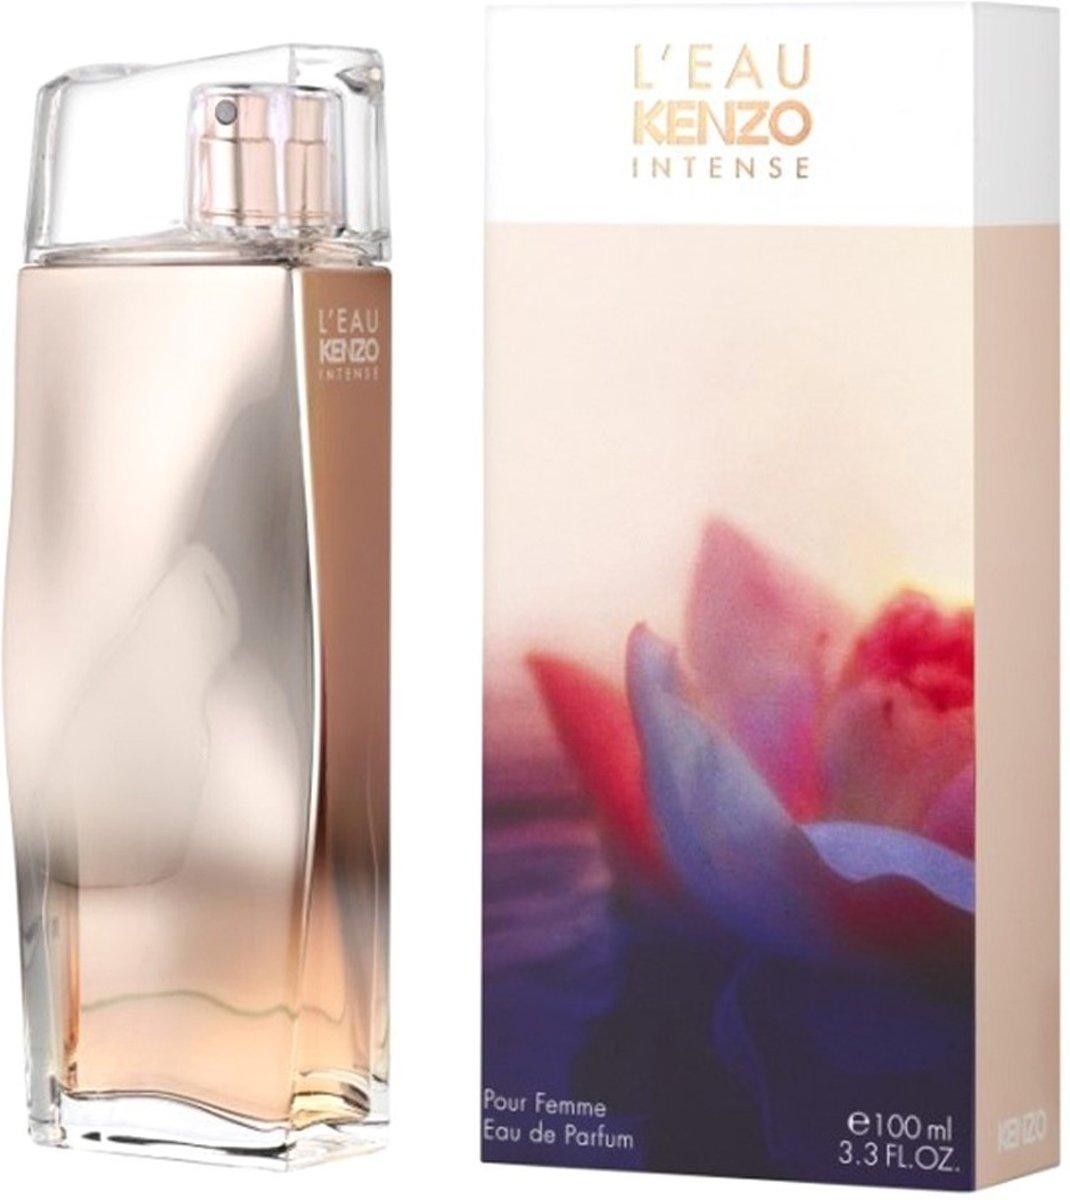 Eau de parfum LEau par Kenzo Intense 30 ml